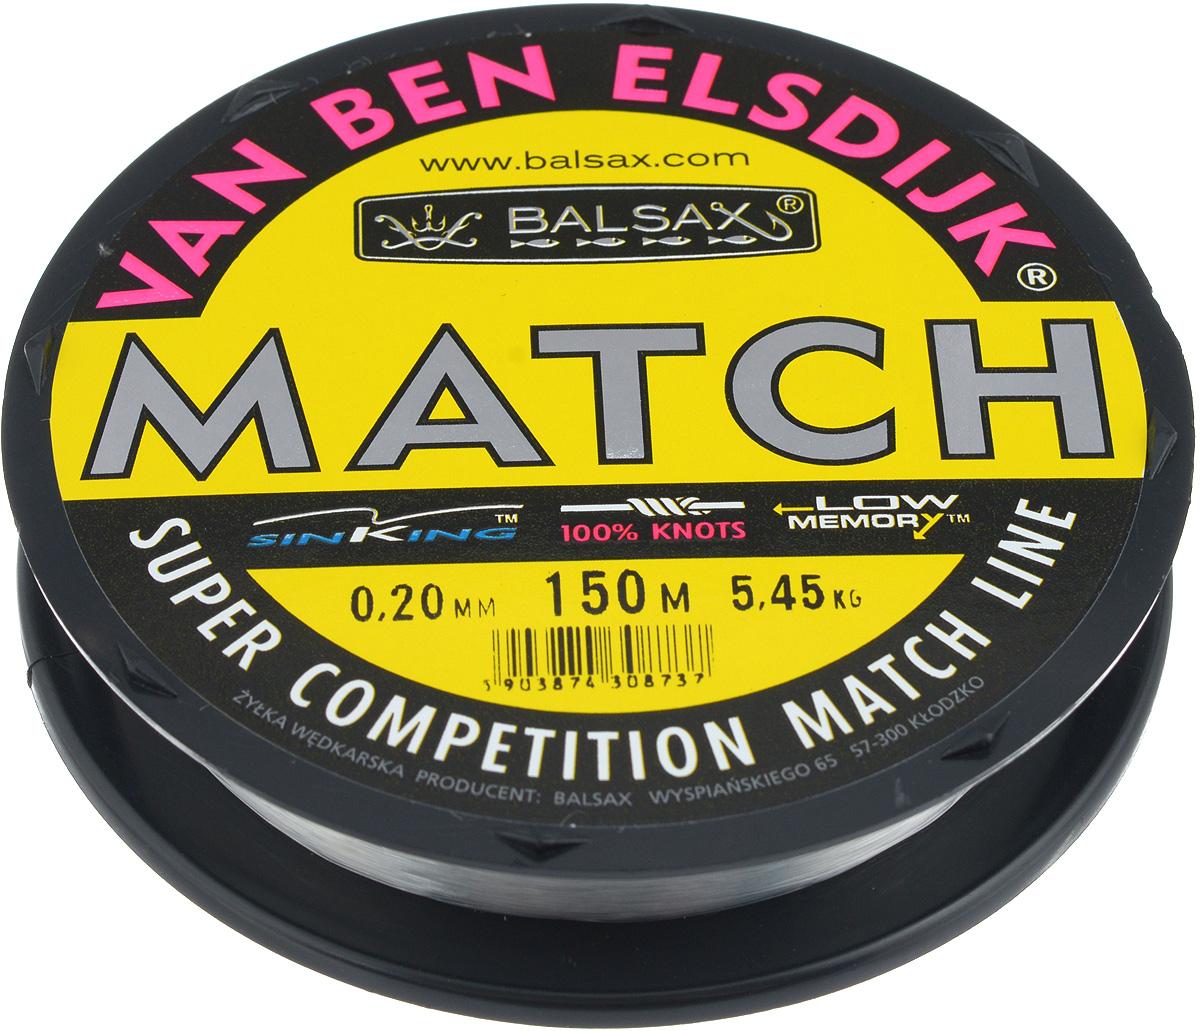 Леска Balsax Match VBE, 150 м, 0,20 мм, 5,45 кг304-10020Опытным спортсменам, участвующим в соревнованиях, нужна надежная леска, в которой можно быть уверенным в любой ситуации. Леска Balsax Match VBE отличается замечательной прочностью на узле и высокой сопротивляемостью к истиранию. Она была проверена на склонность к остаточным деформациям, чтобы убедиться в том, что она обладает наиболее подходящей растяжимостью, отвечая самым строгим требованиям рыболовов. Такая леска отлично подходит как для спортивного, так и для любительского рыболовства.